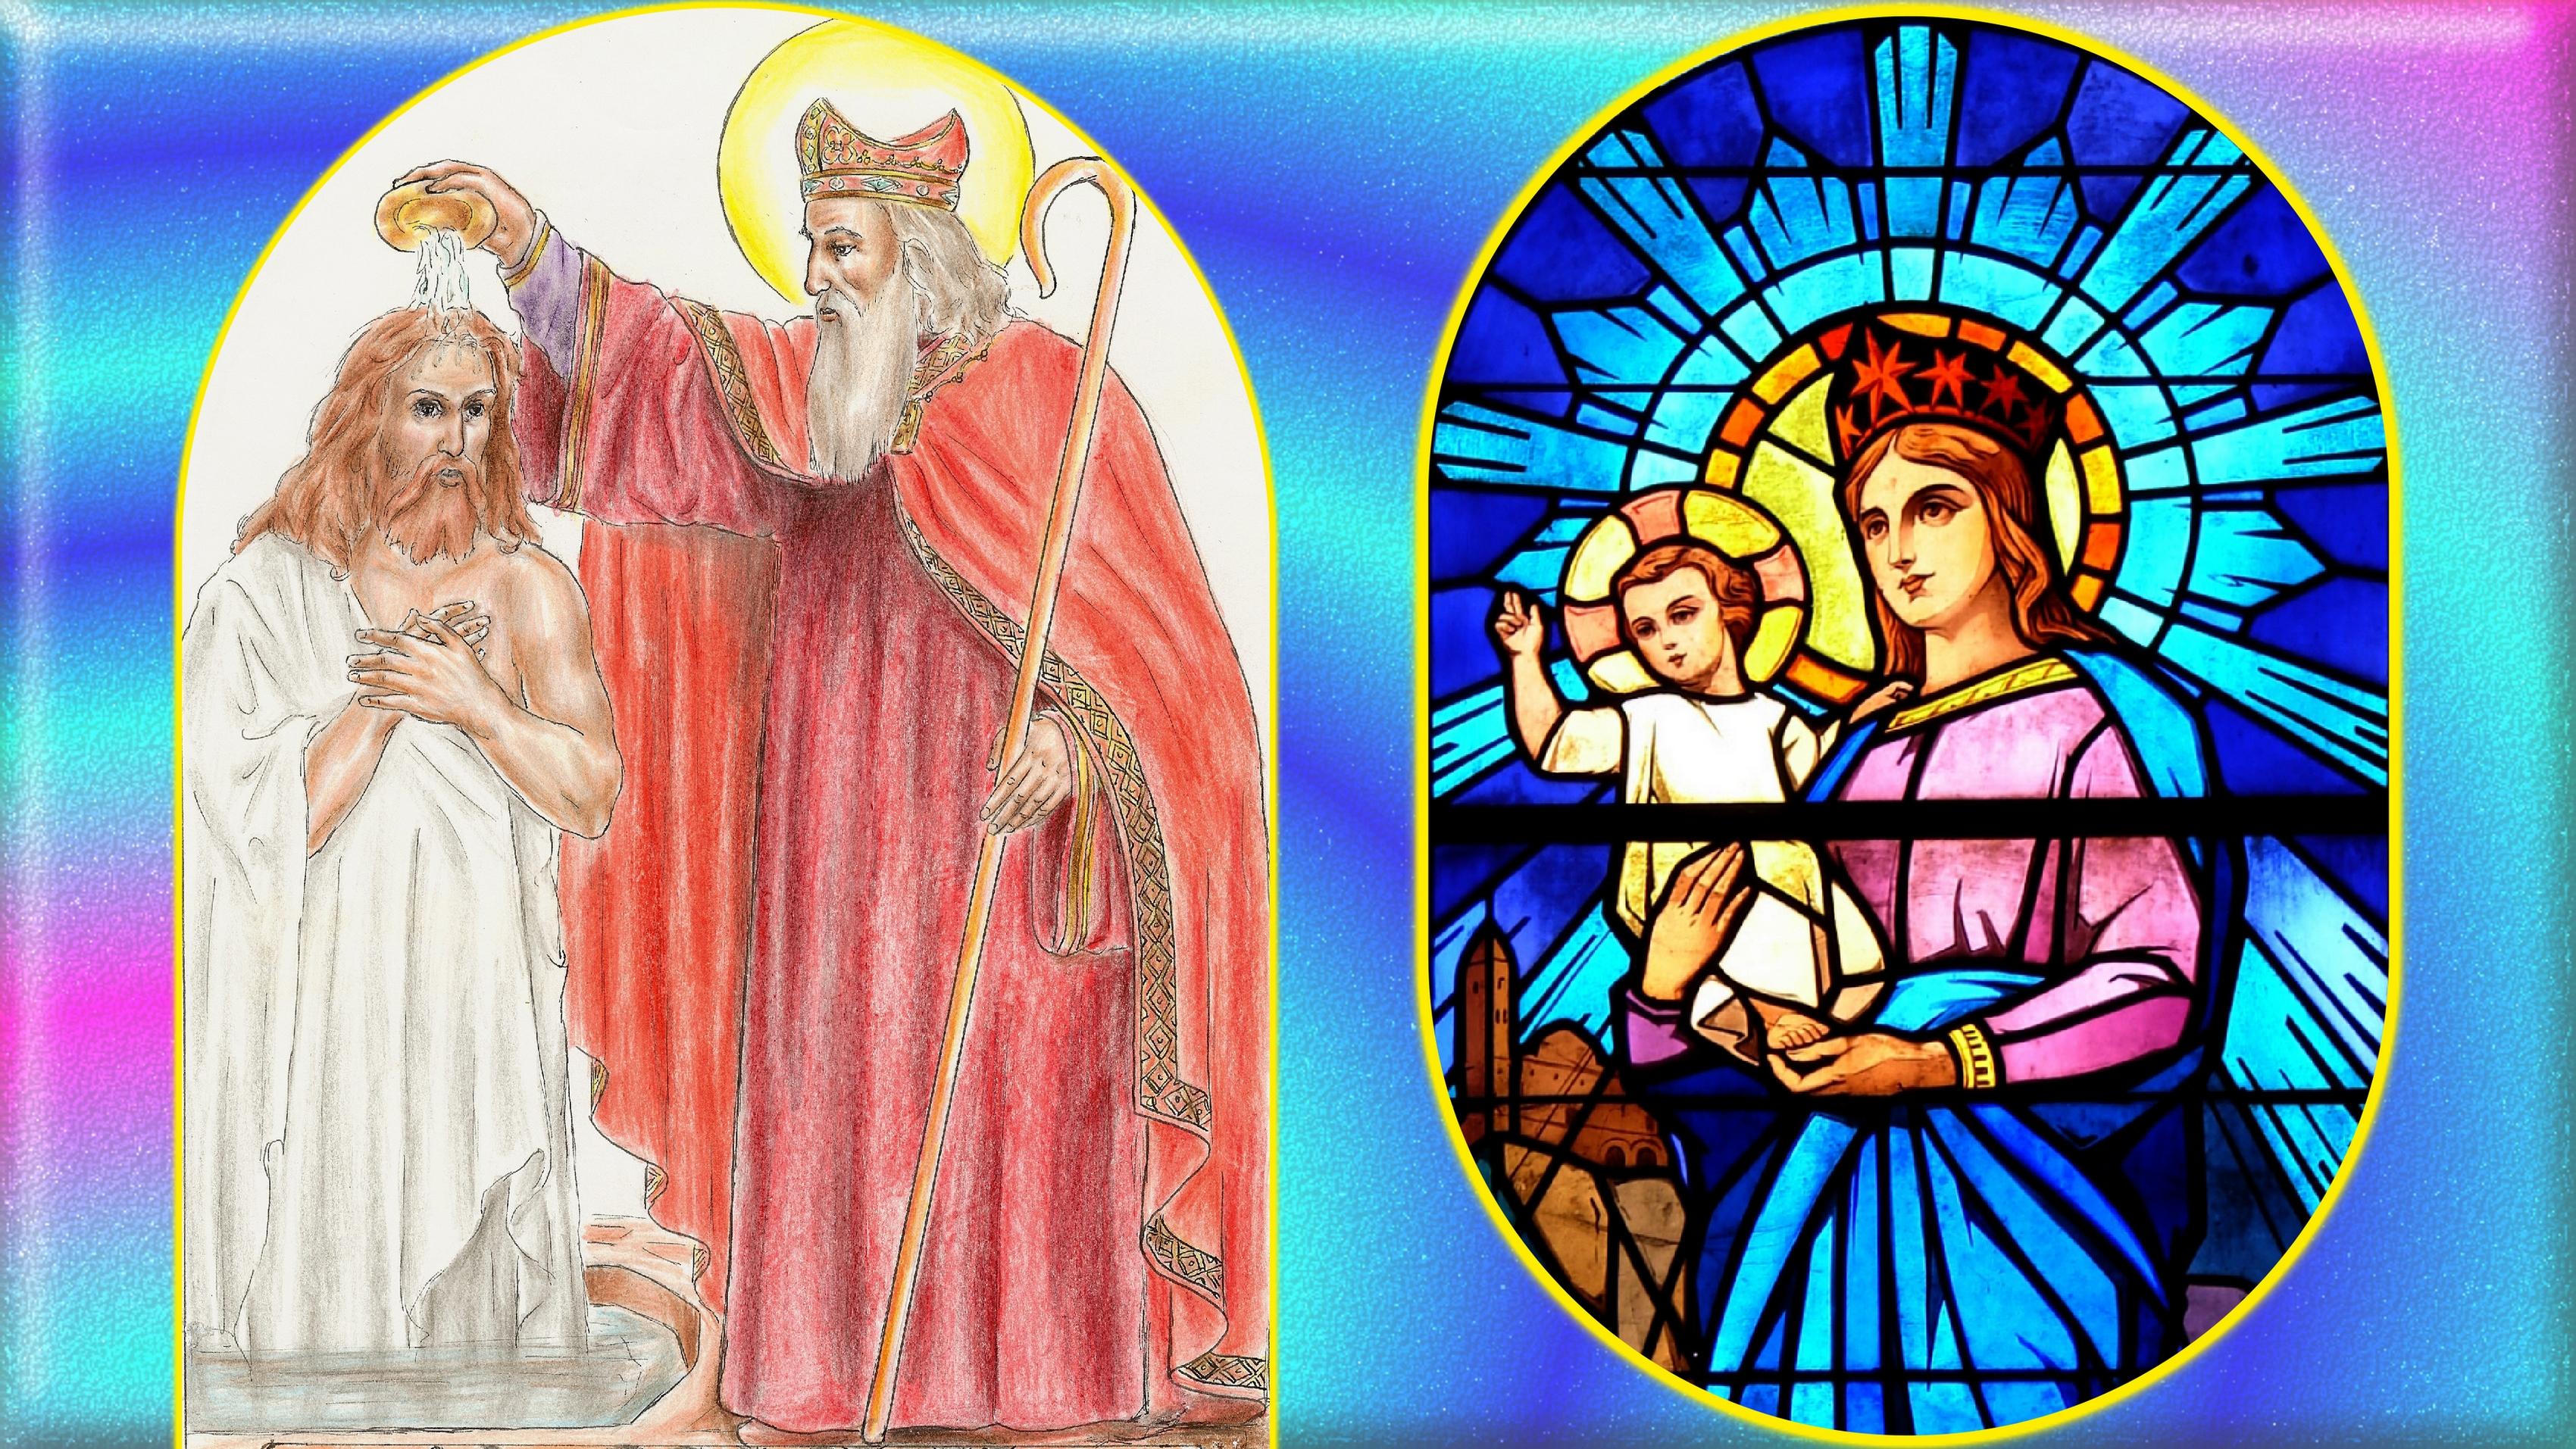 CALENDRIER CATHOLIQUE 2019 (Cantiques, Prières & Images) - Page 10 St-r-mi-baptisant...e-france-569eb0d